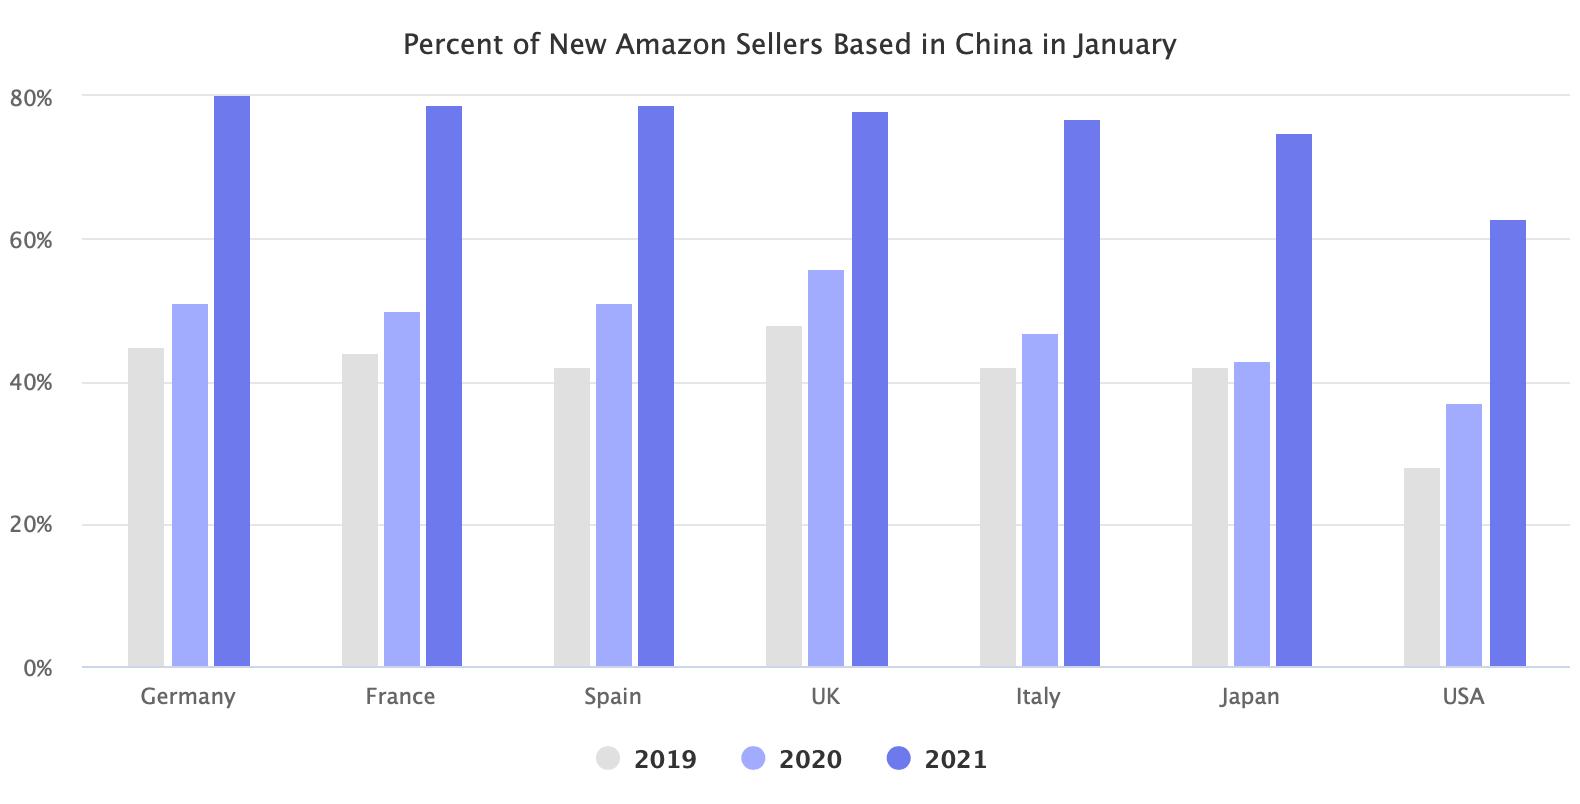 亚马逊中国新卖家占比:亚马逊75%的新卖家来自中国